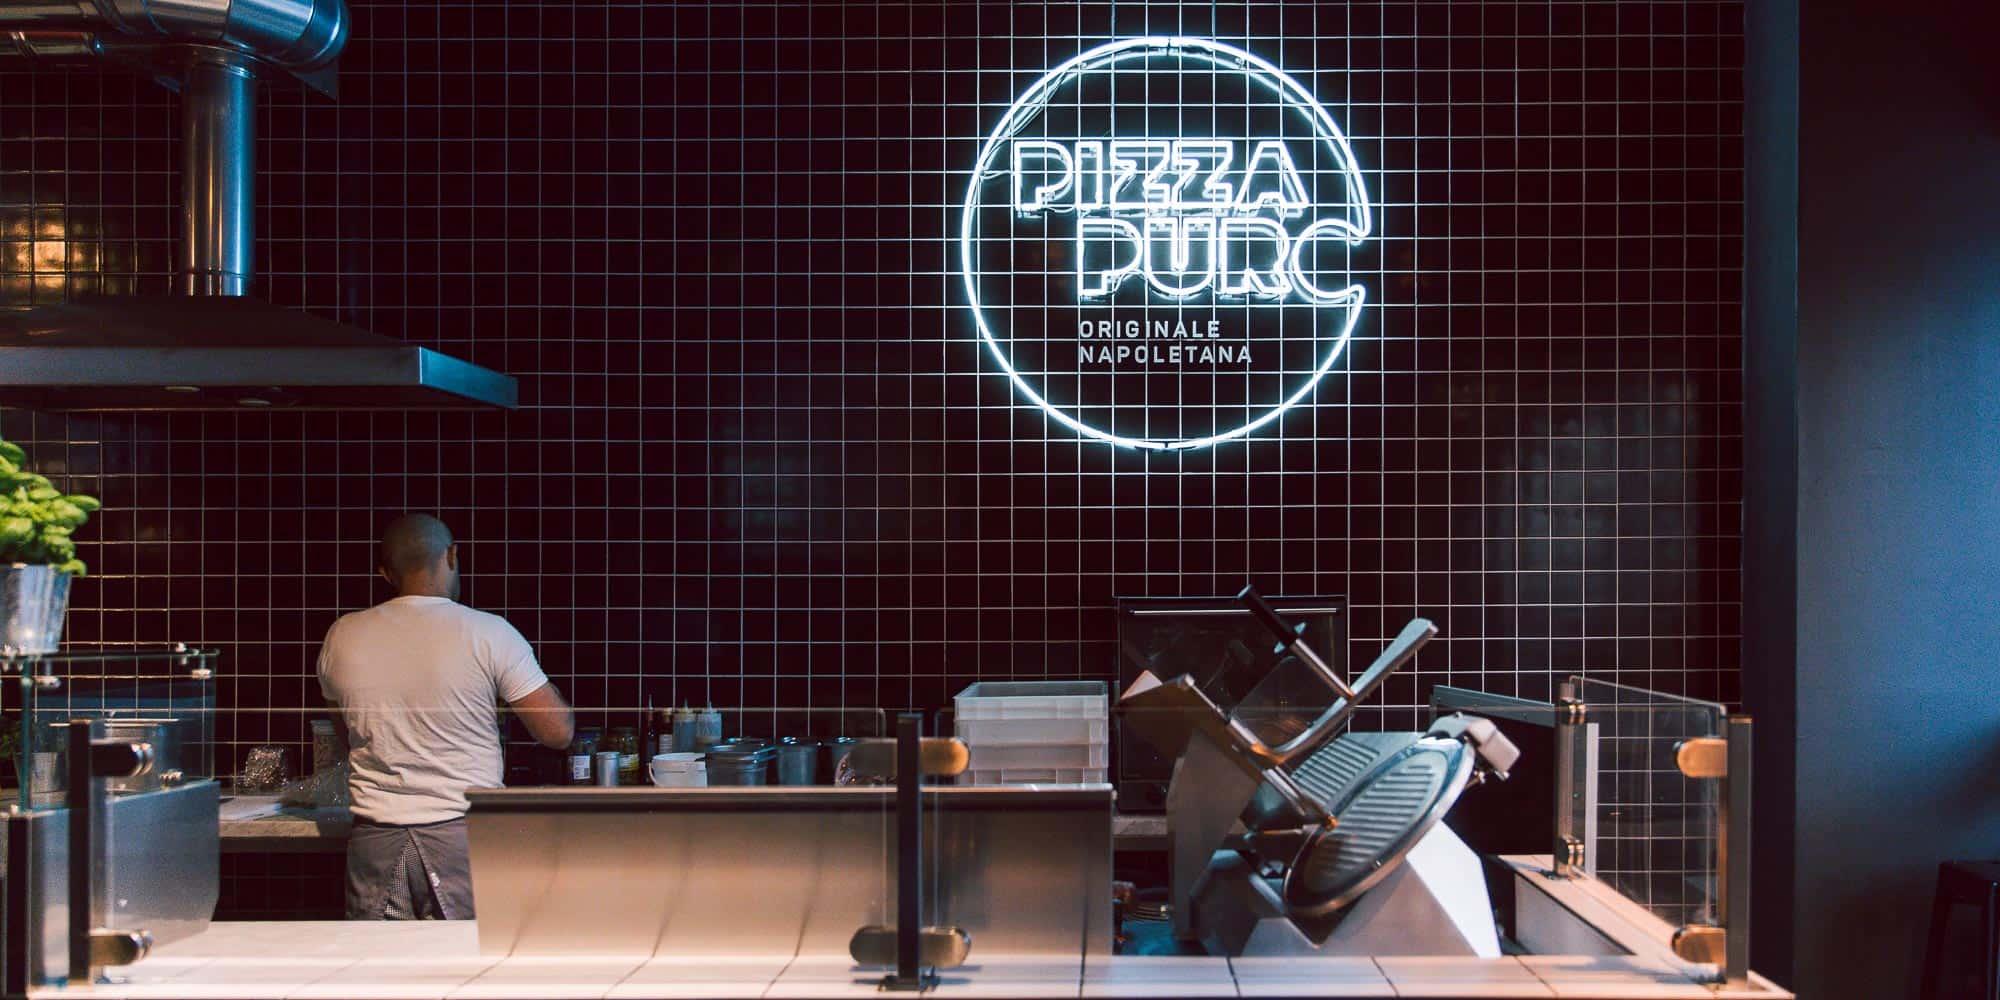 Pizza Puro